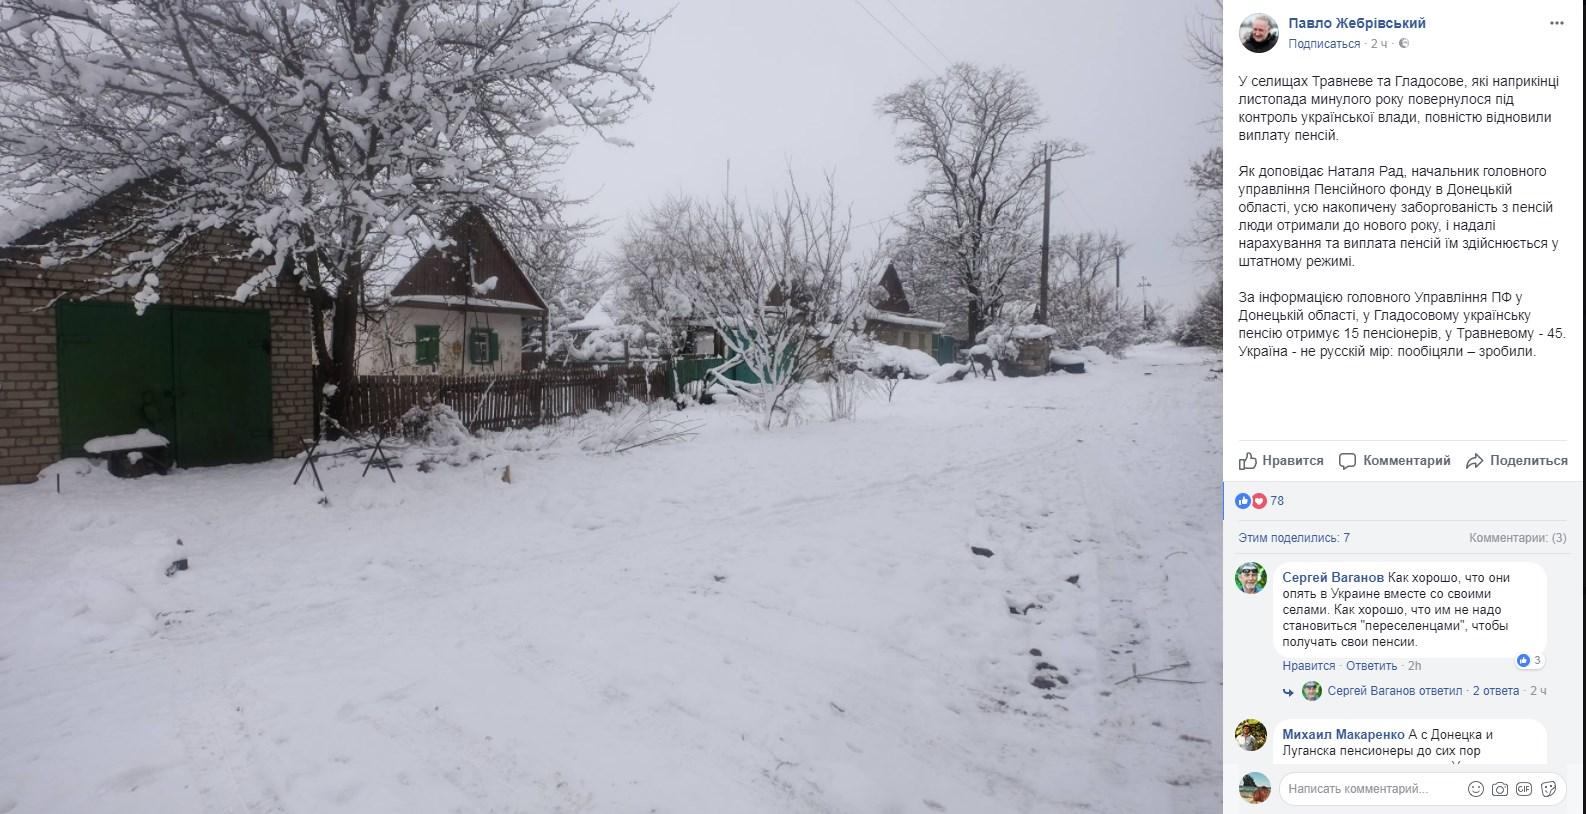 Жебривский: Всем пенсионерам вГладосове иТравневом уже выплатили пенсии